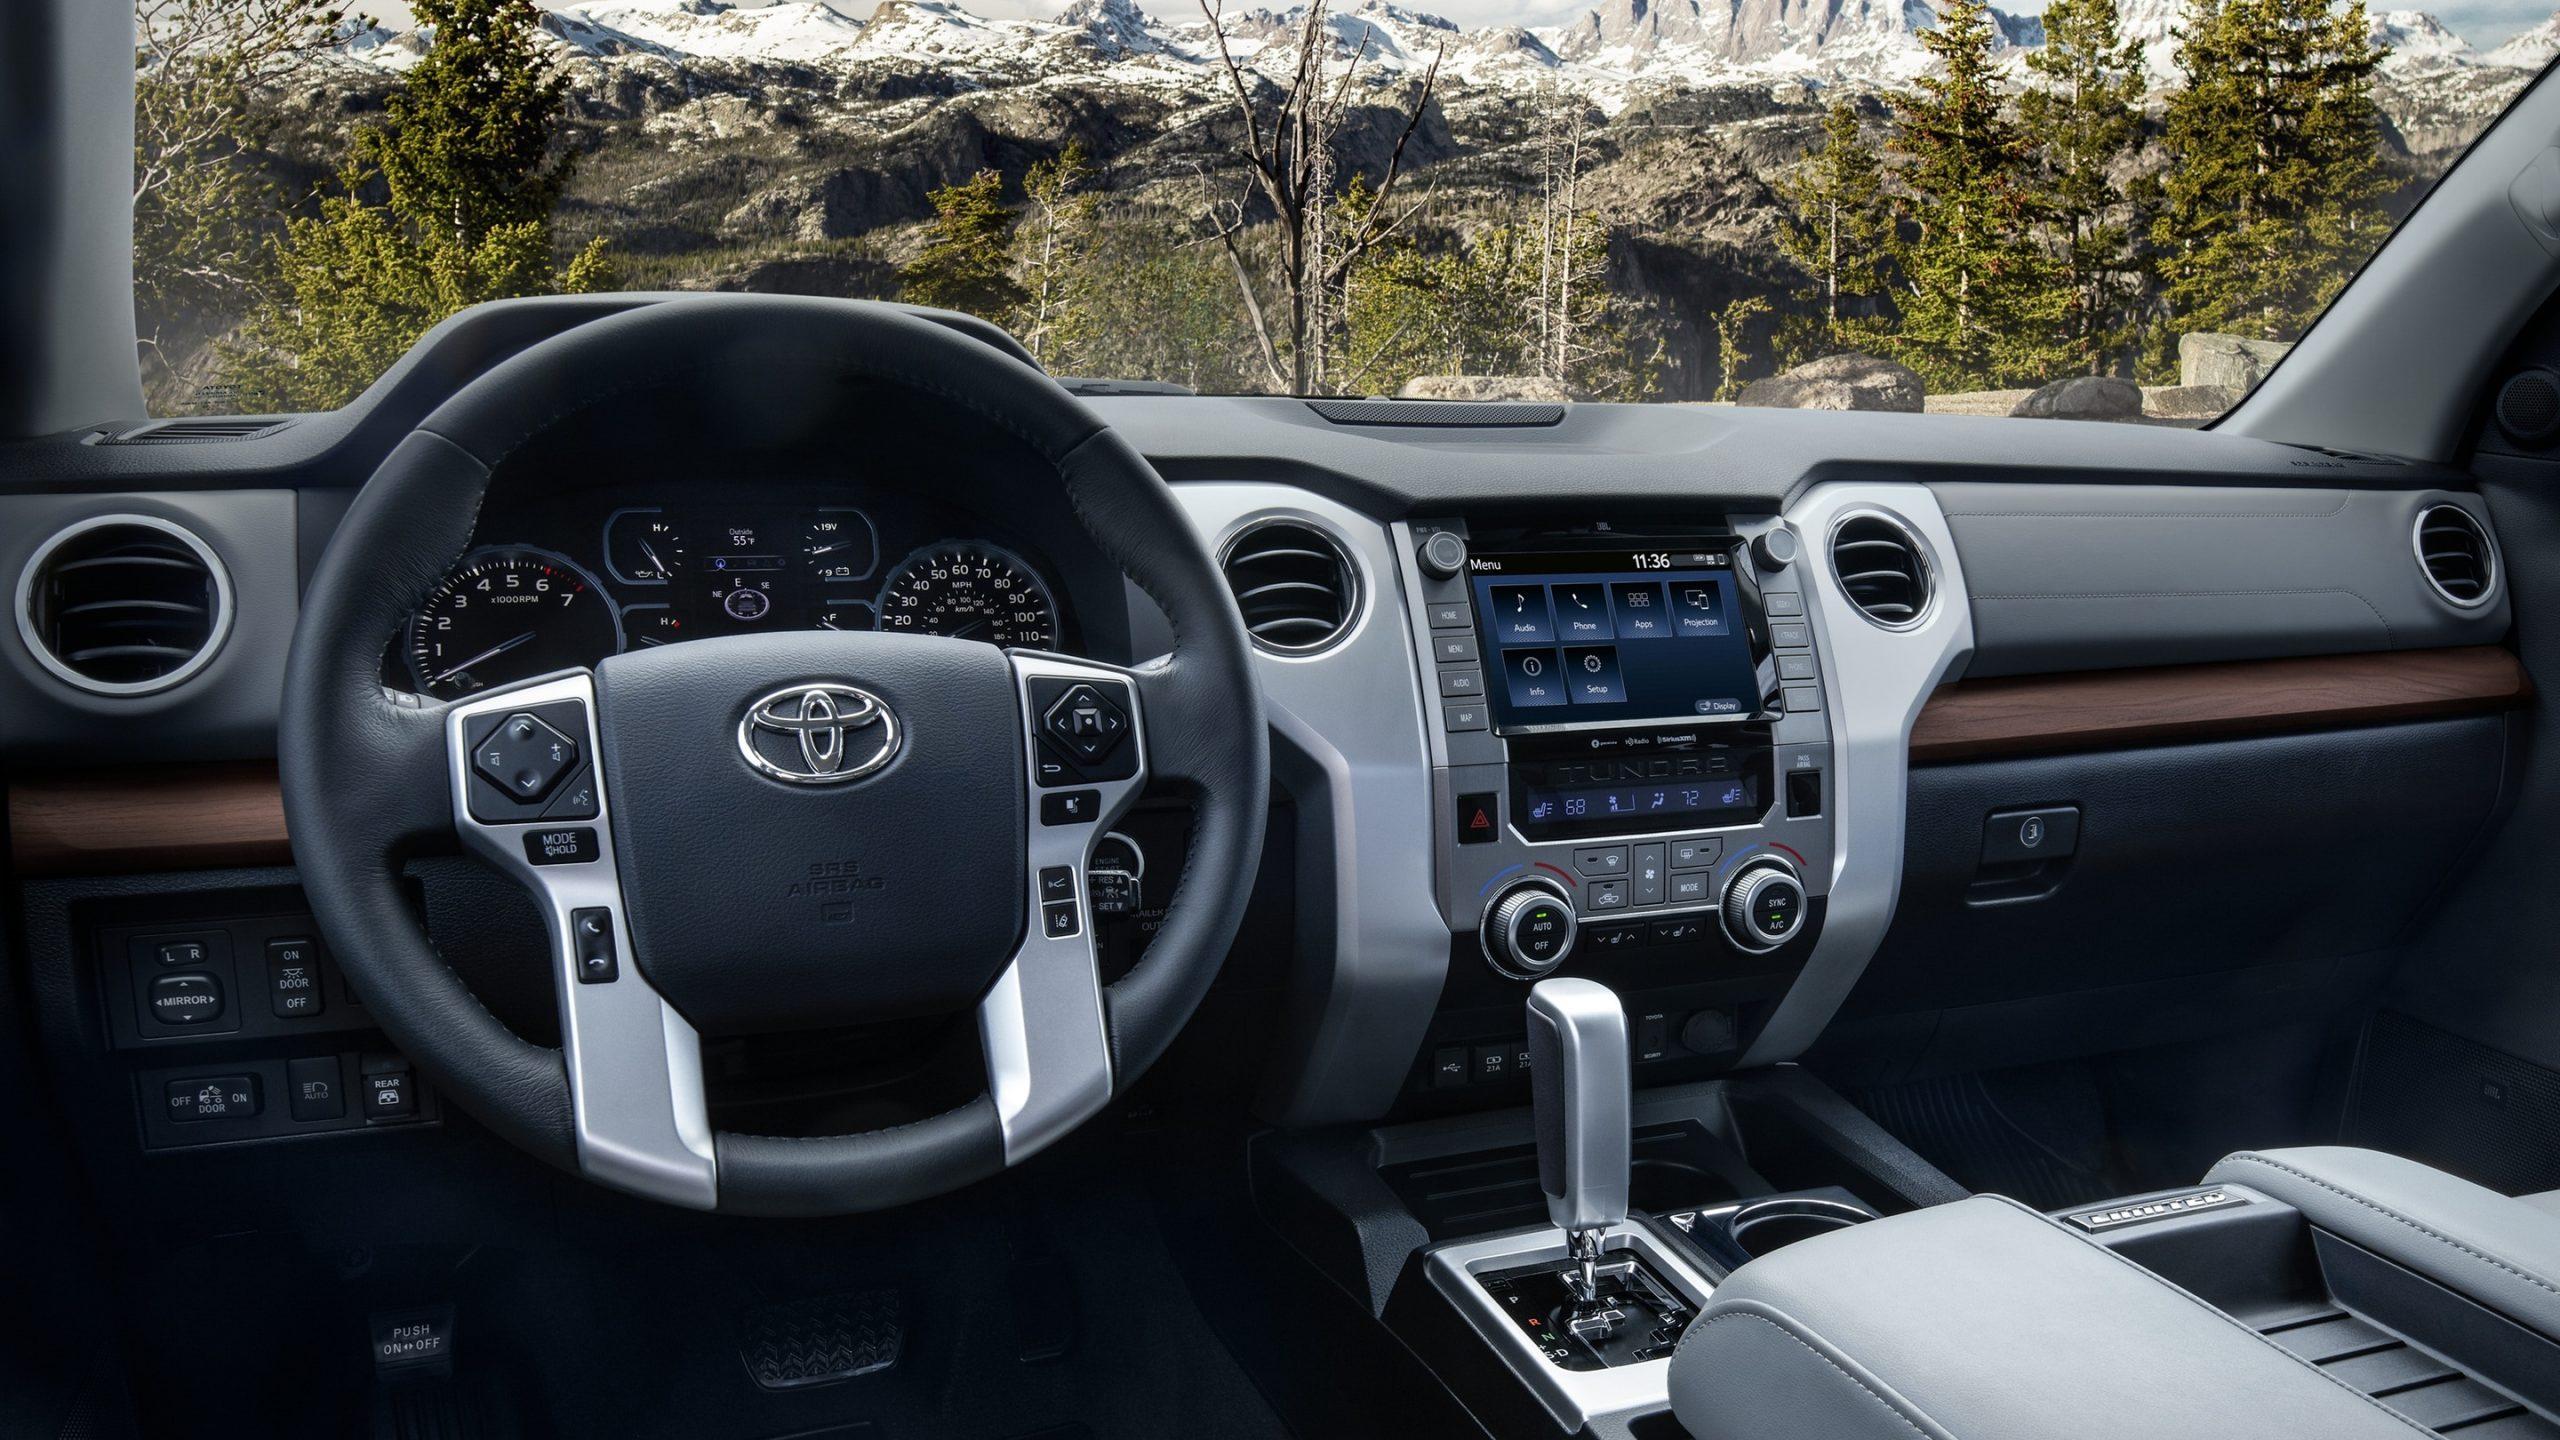 2020 Toyota Tundra Android Auto main